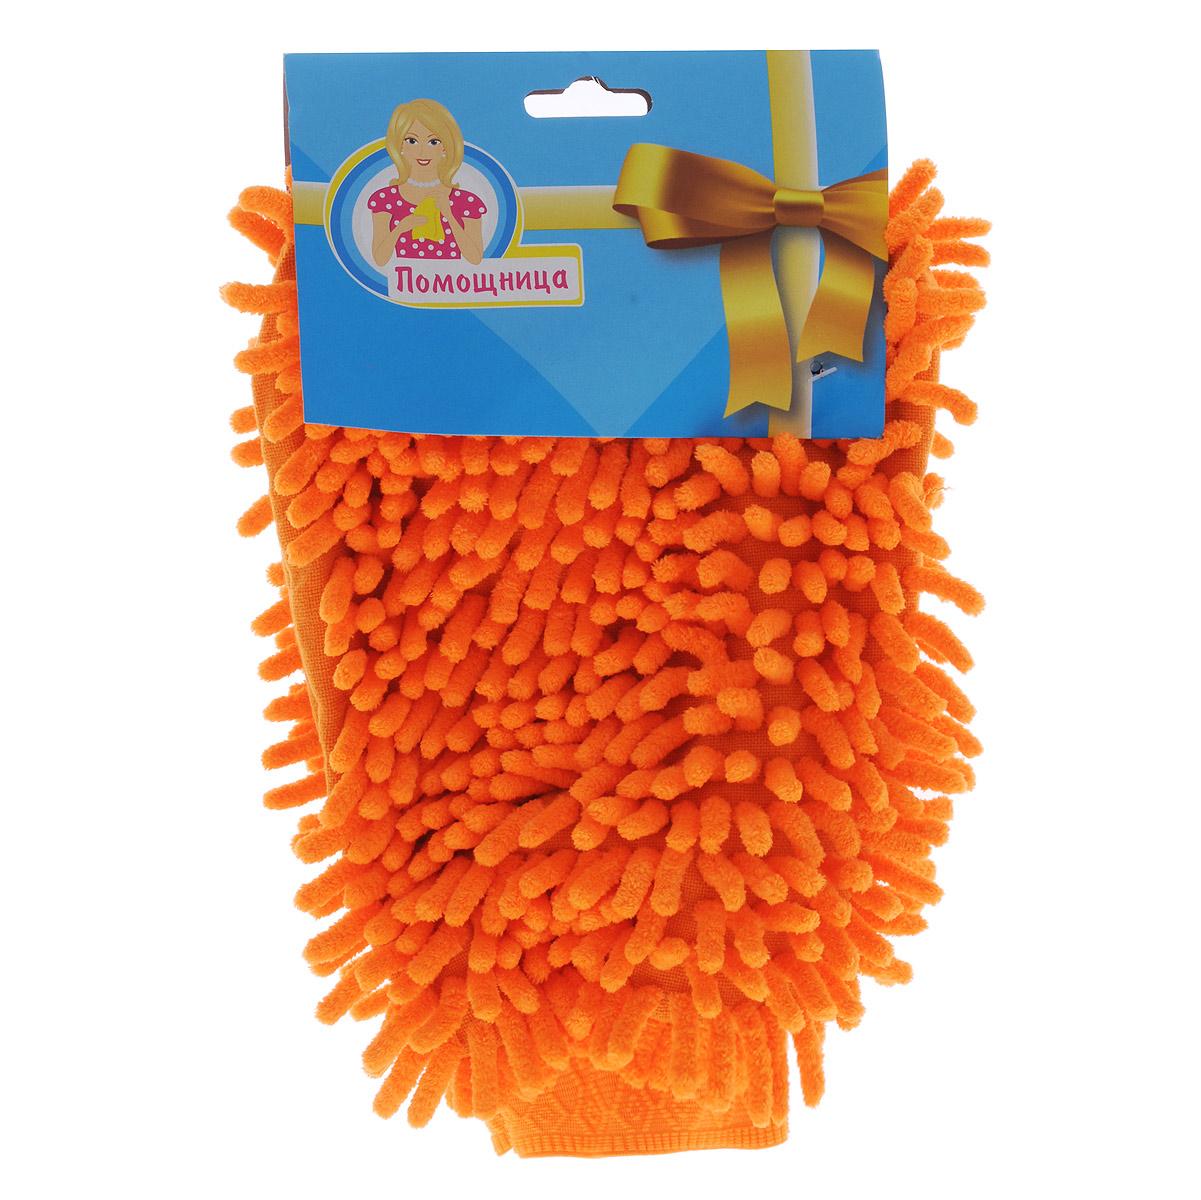 Рукавица для уборки Eva Спагетти, двусторонняя, цвет: оранжевый, 26 см х 19 смЕ74Двусторонняя рукавица Eva Спагетти, изготовленная из микрофибры (полиэстера, полиамида), легко удаляет пыль, деликатно моет поверхности, мягко удаляет сильные загрязнения, применяется как в сухом, так и во влажном виде. Рукавица удобно держится на руке и великолепно впитывает воду. Идеально подходит для уборки, как в доме, так и в автомобиле.